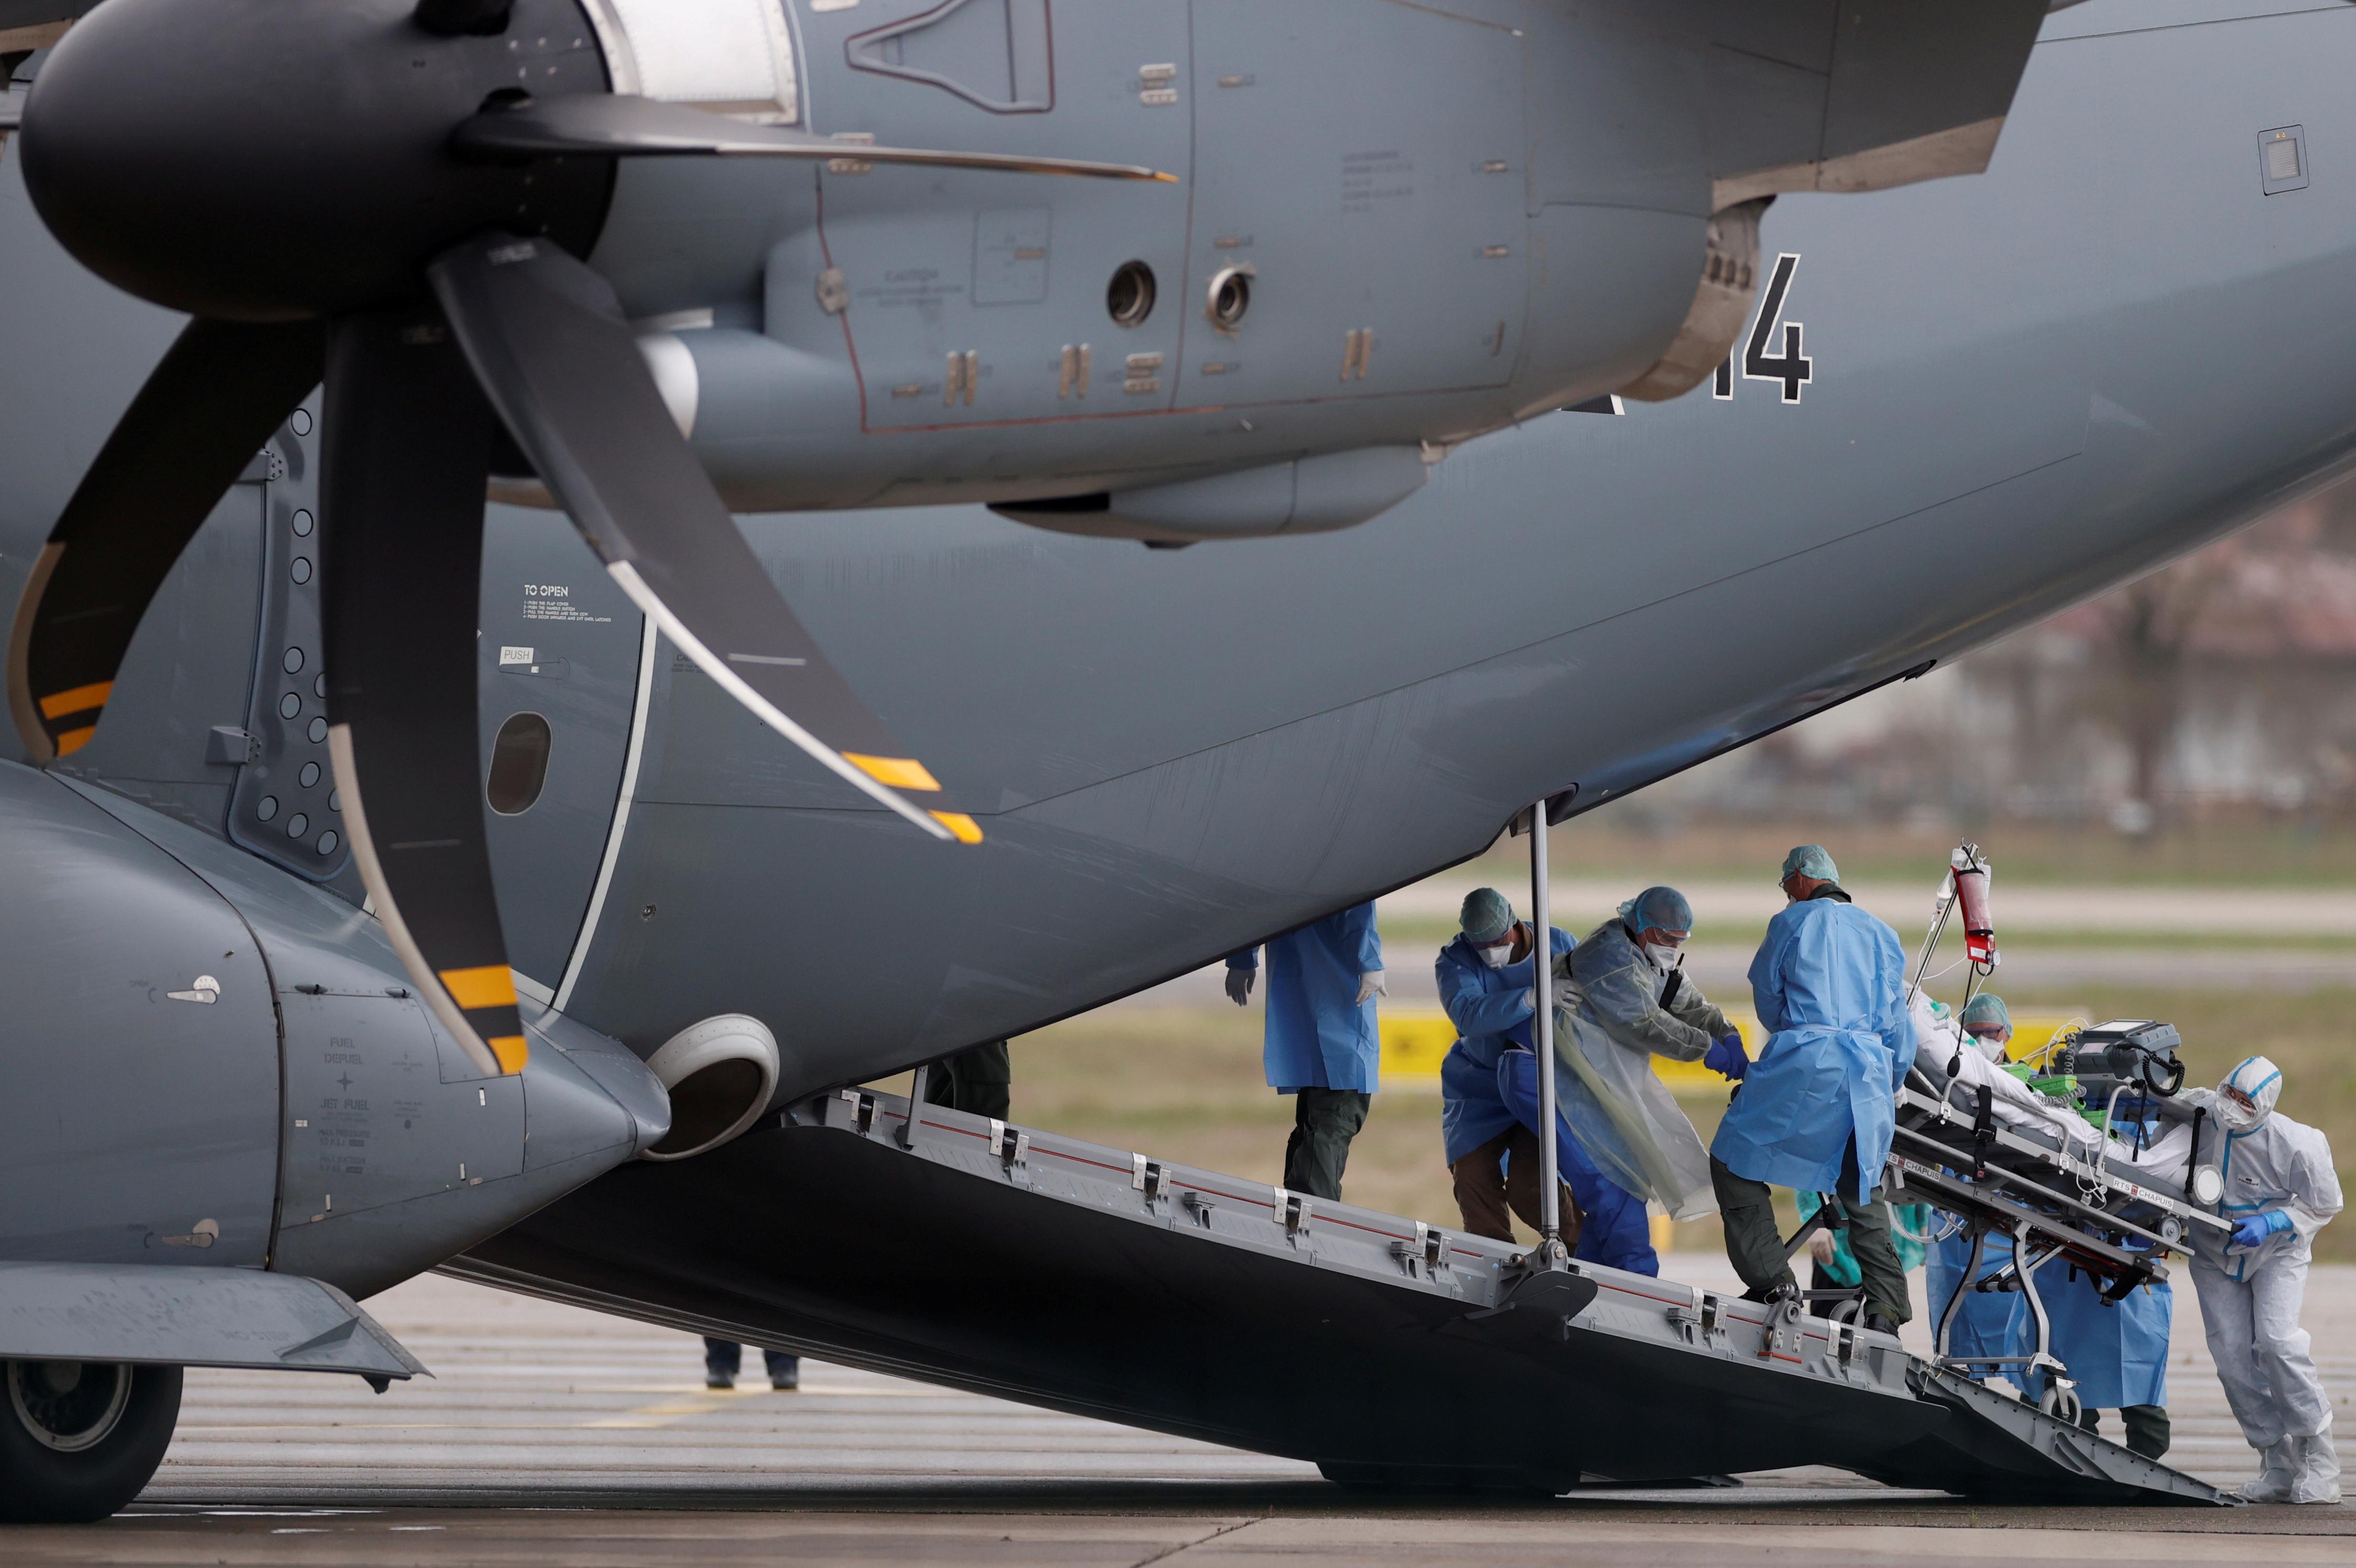 Un paciente es llevado en camilla a un avión militar alemán durante una operación de traslado (REUTERS/Christian Hartmann)